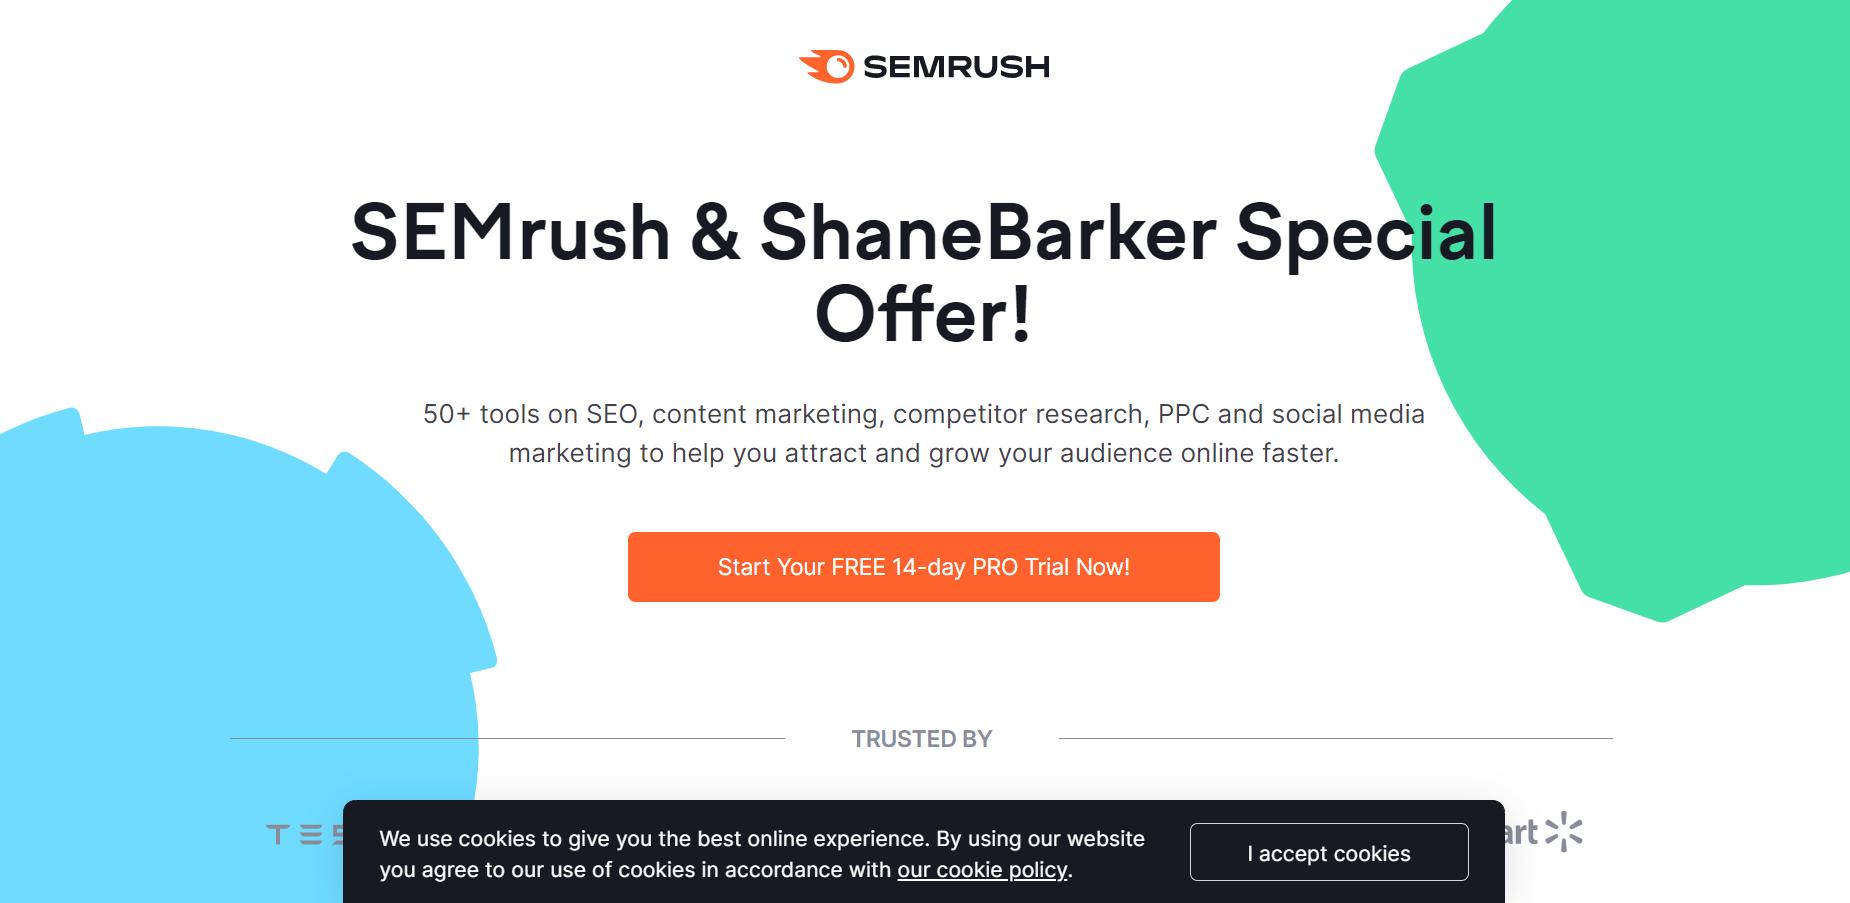 ابزار پیشنهاد کلمه کلیدی شماره 1: SEMrush